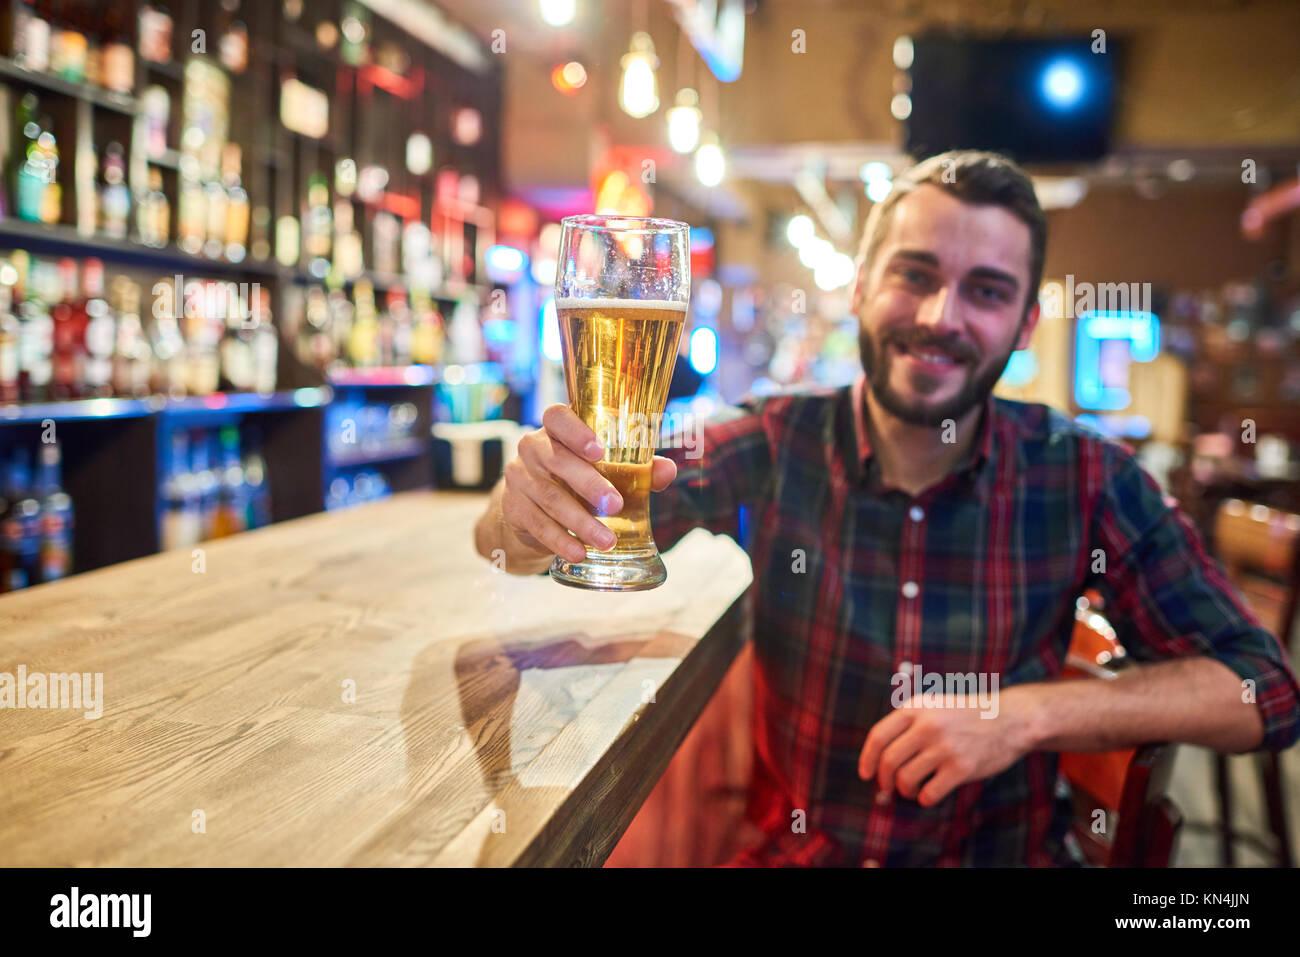 Felice Giovane tifo al bancone bar Immagini Stock